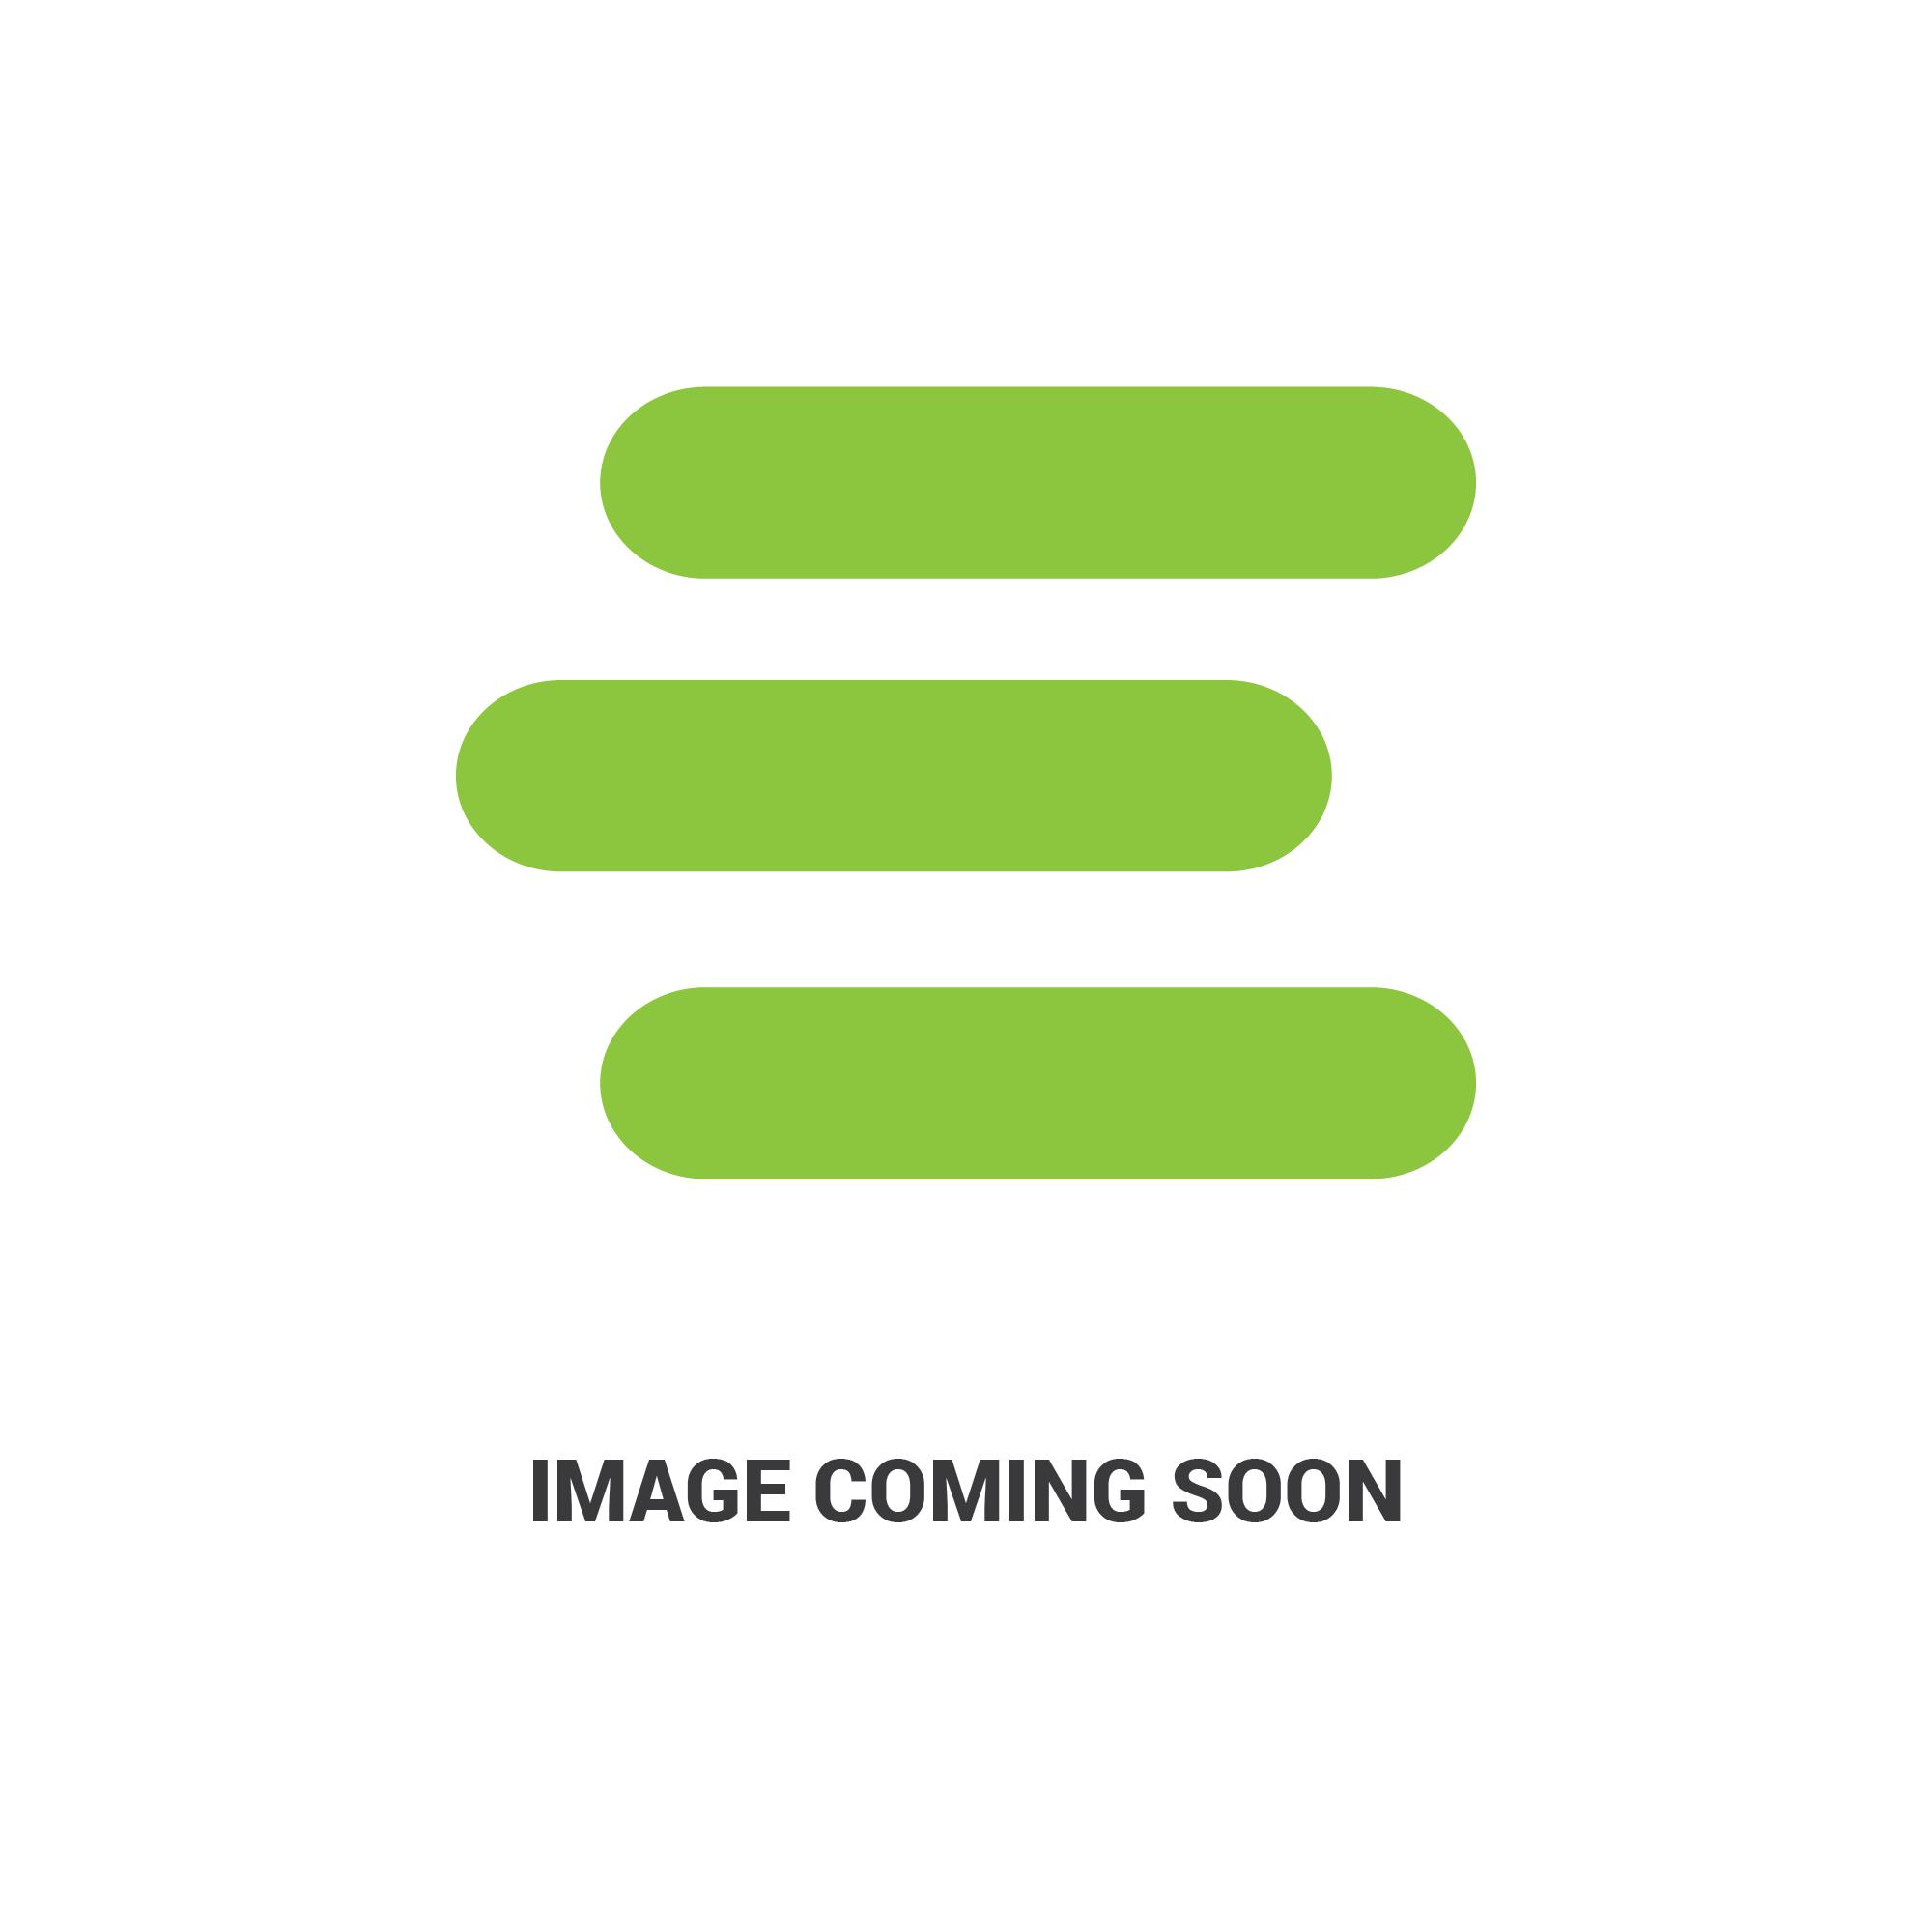 E-527733Kedit 1.jpg